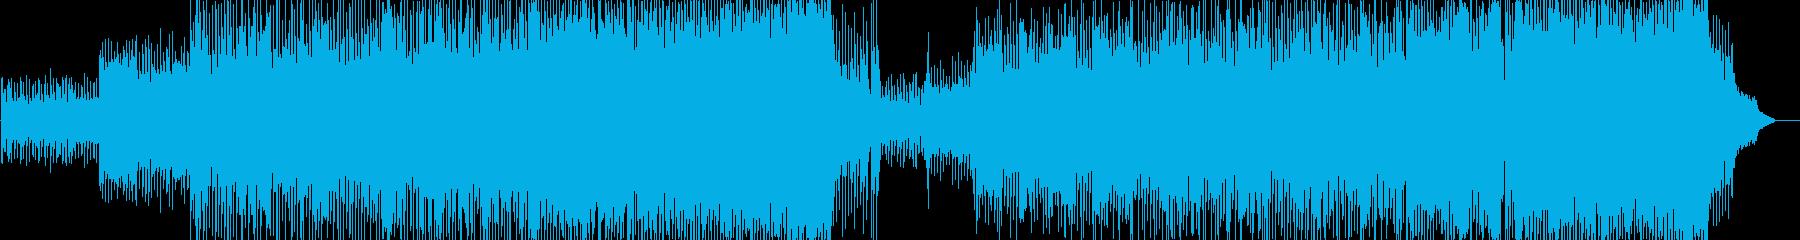 軽快 元気 情報 CM 店内 いきいきの再生済みの波形